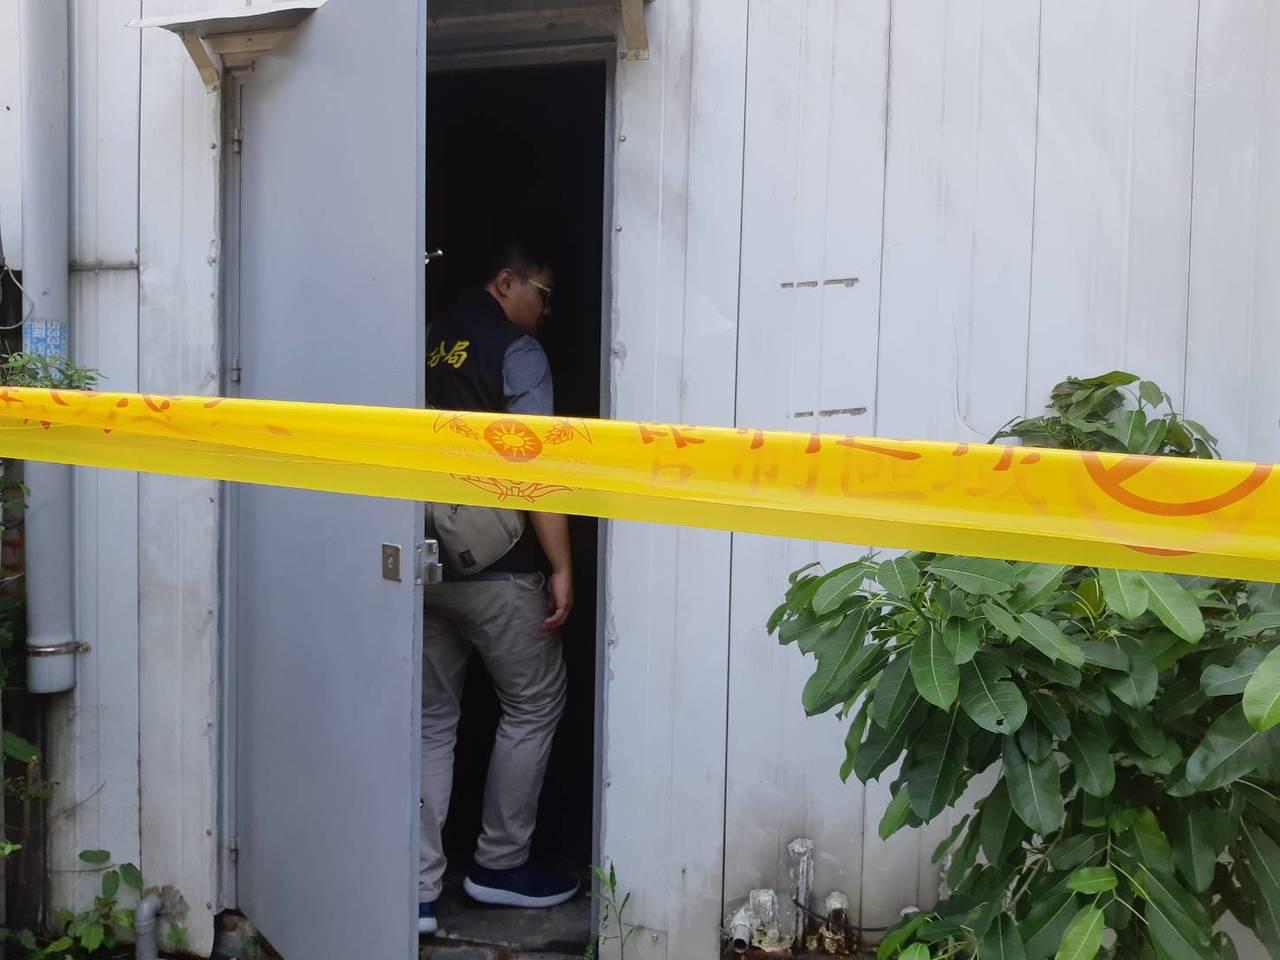 高雄檢警上午到鼓山區搜索連千毅的直播倉庫,並拉起封鎖線。記者賴郁薇/攝影